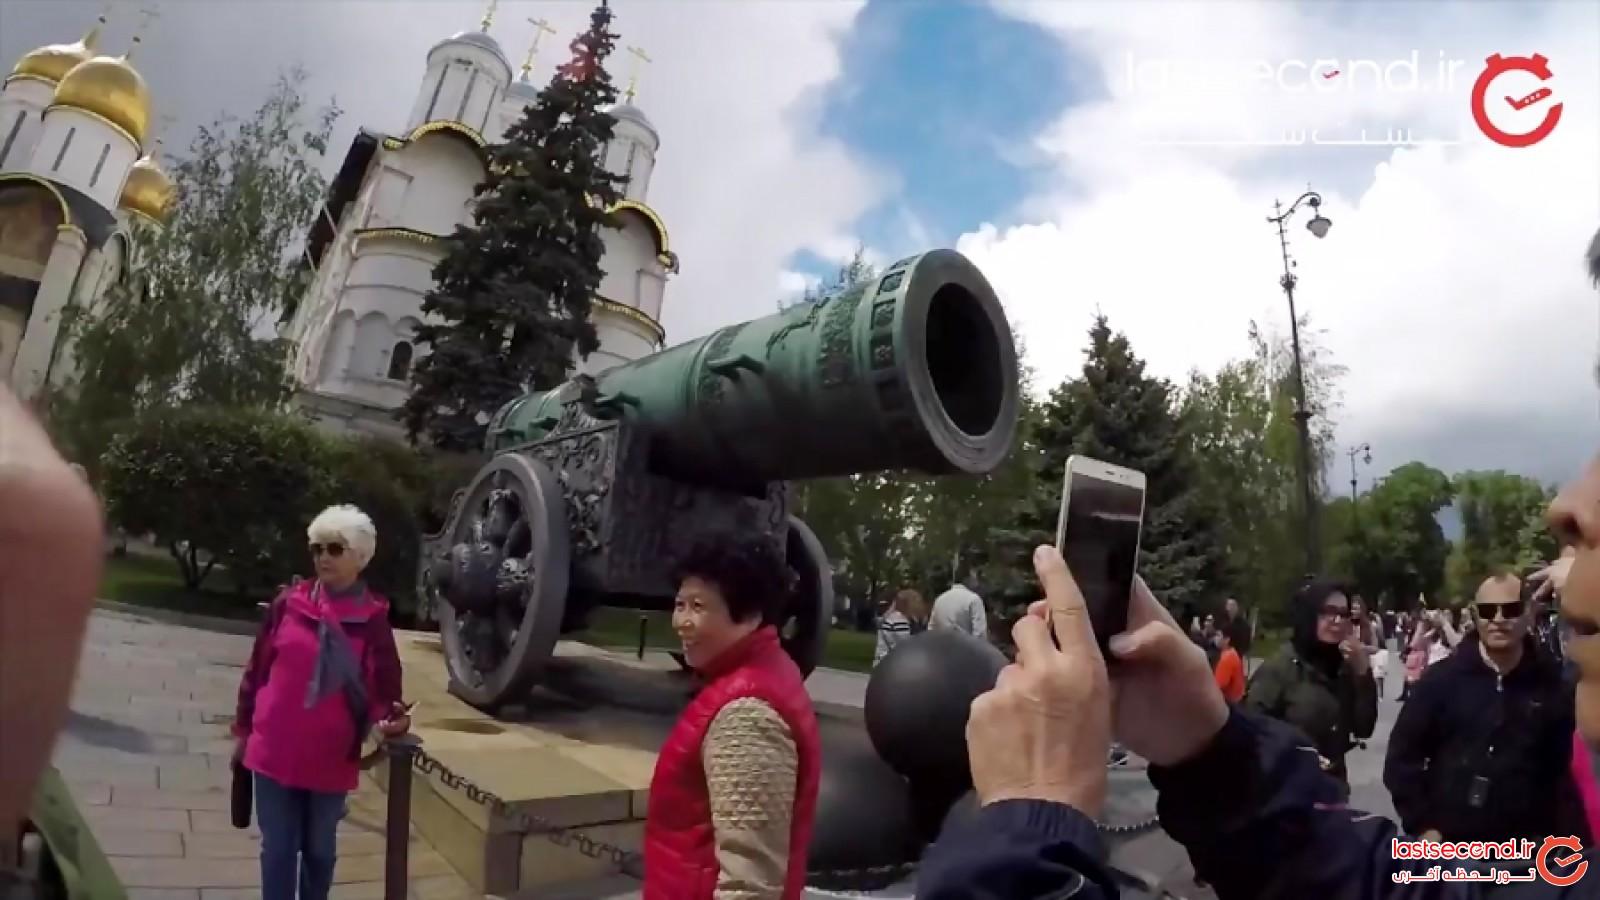 ویدئویی که نظر شما را نسبت به مسکو تغییر خواهد داد